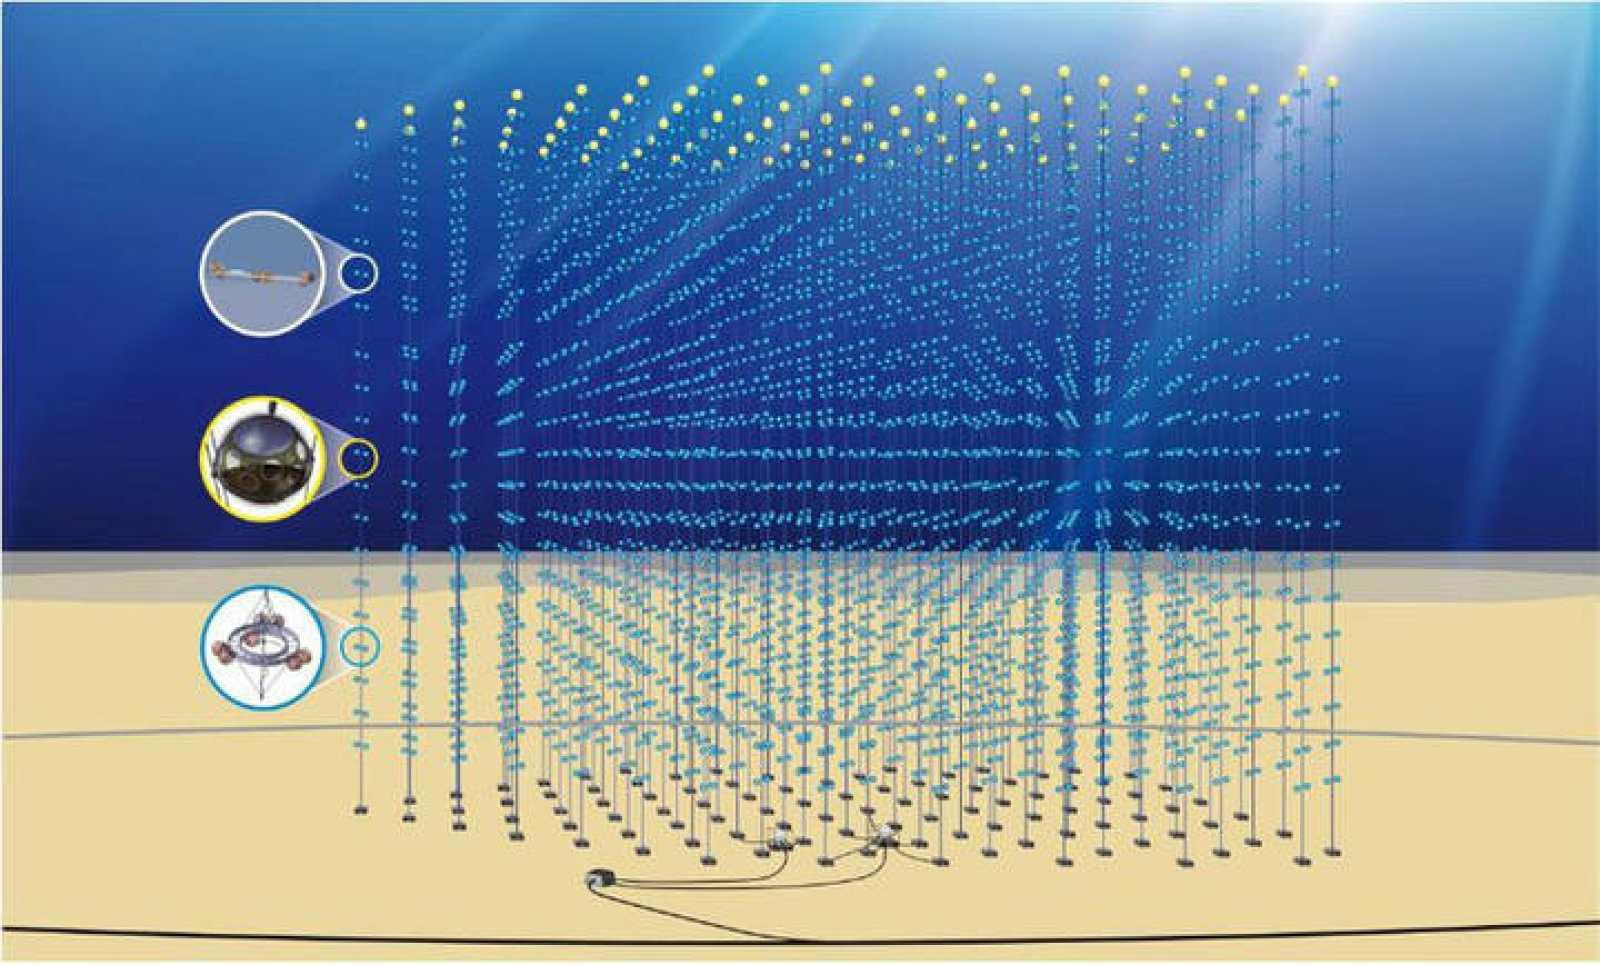 Diseño de la disposición de los sensores del telescopio KM3NeT